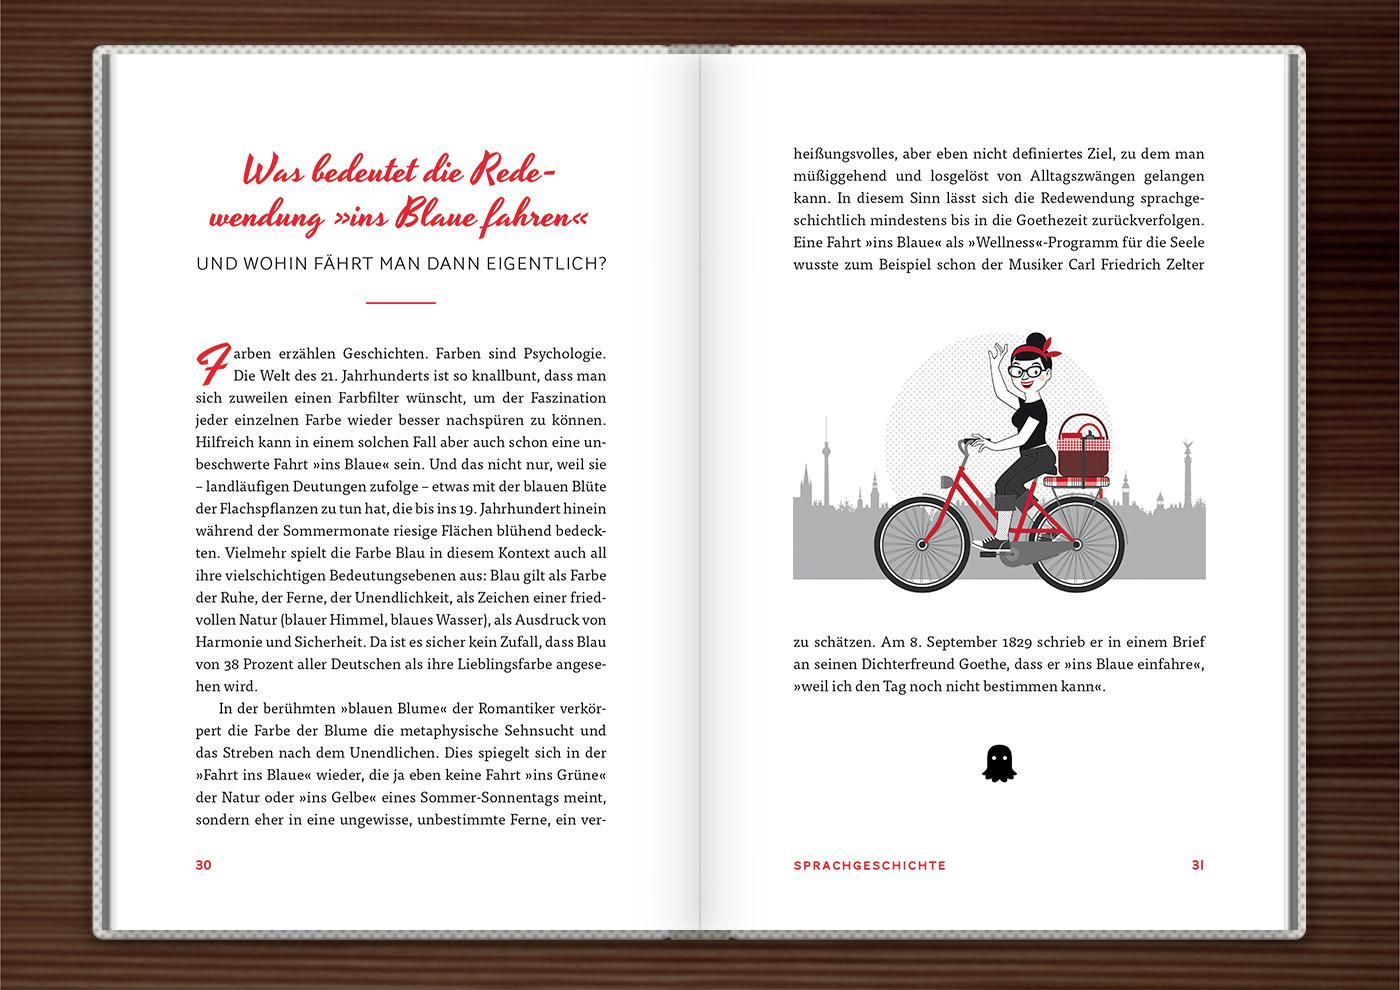 Du hast das Wort, Schätzchen! 100 charmante Geschichten rund um die Sprache im Duden Verlag von Rita Mielke mit Illustrationen im Sixties-Stil von Iris Luckhaus